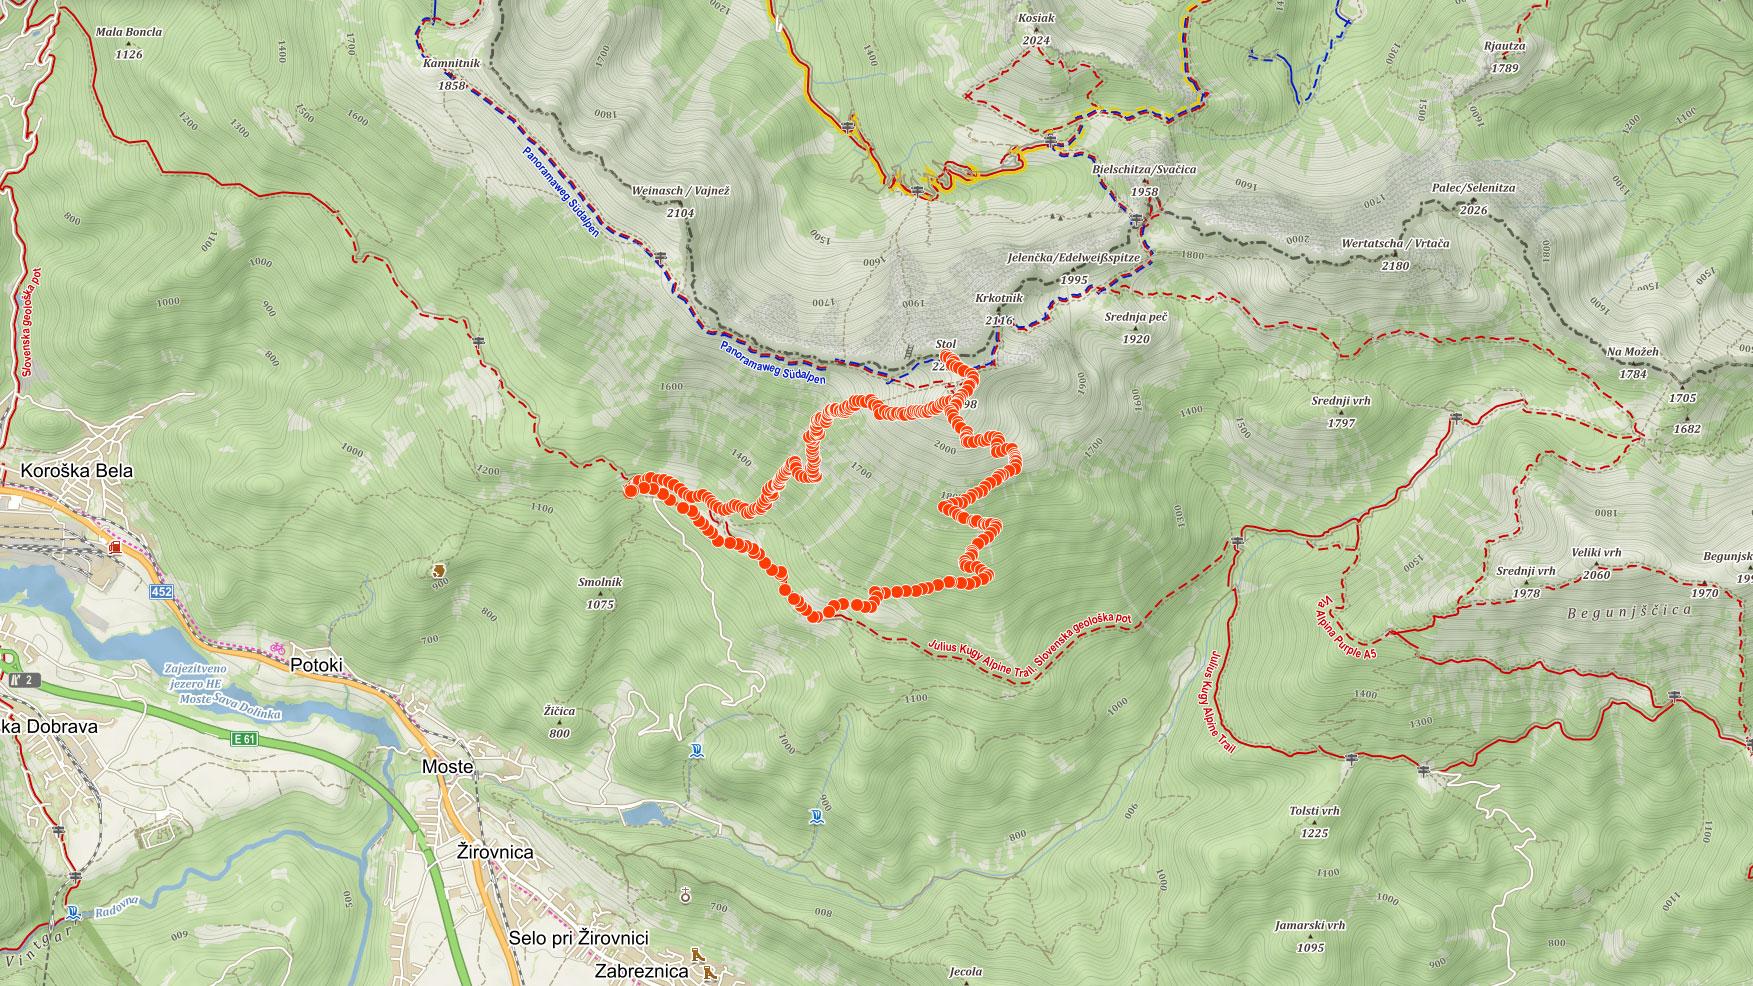 Mapa výletu na Stol ve Slovinsku